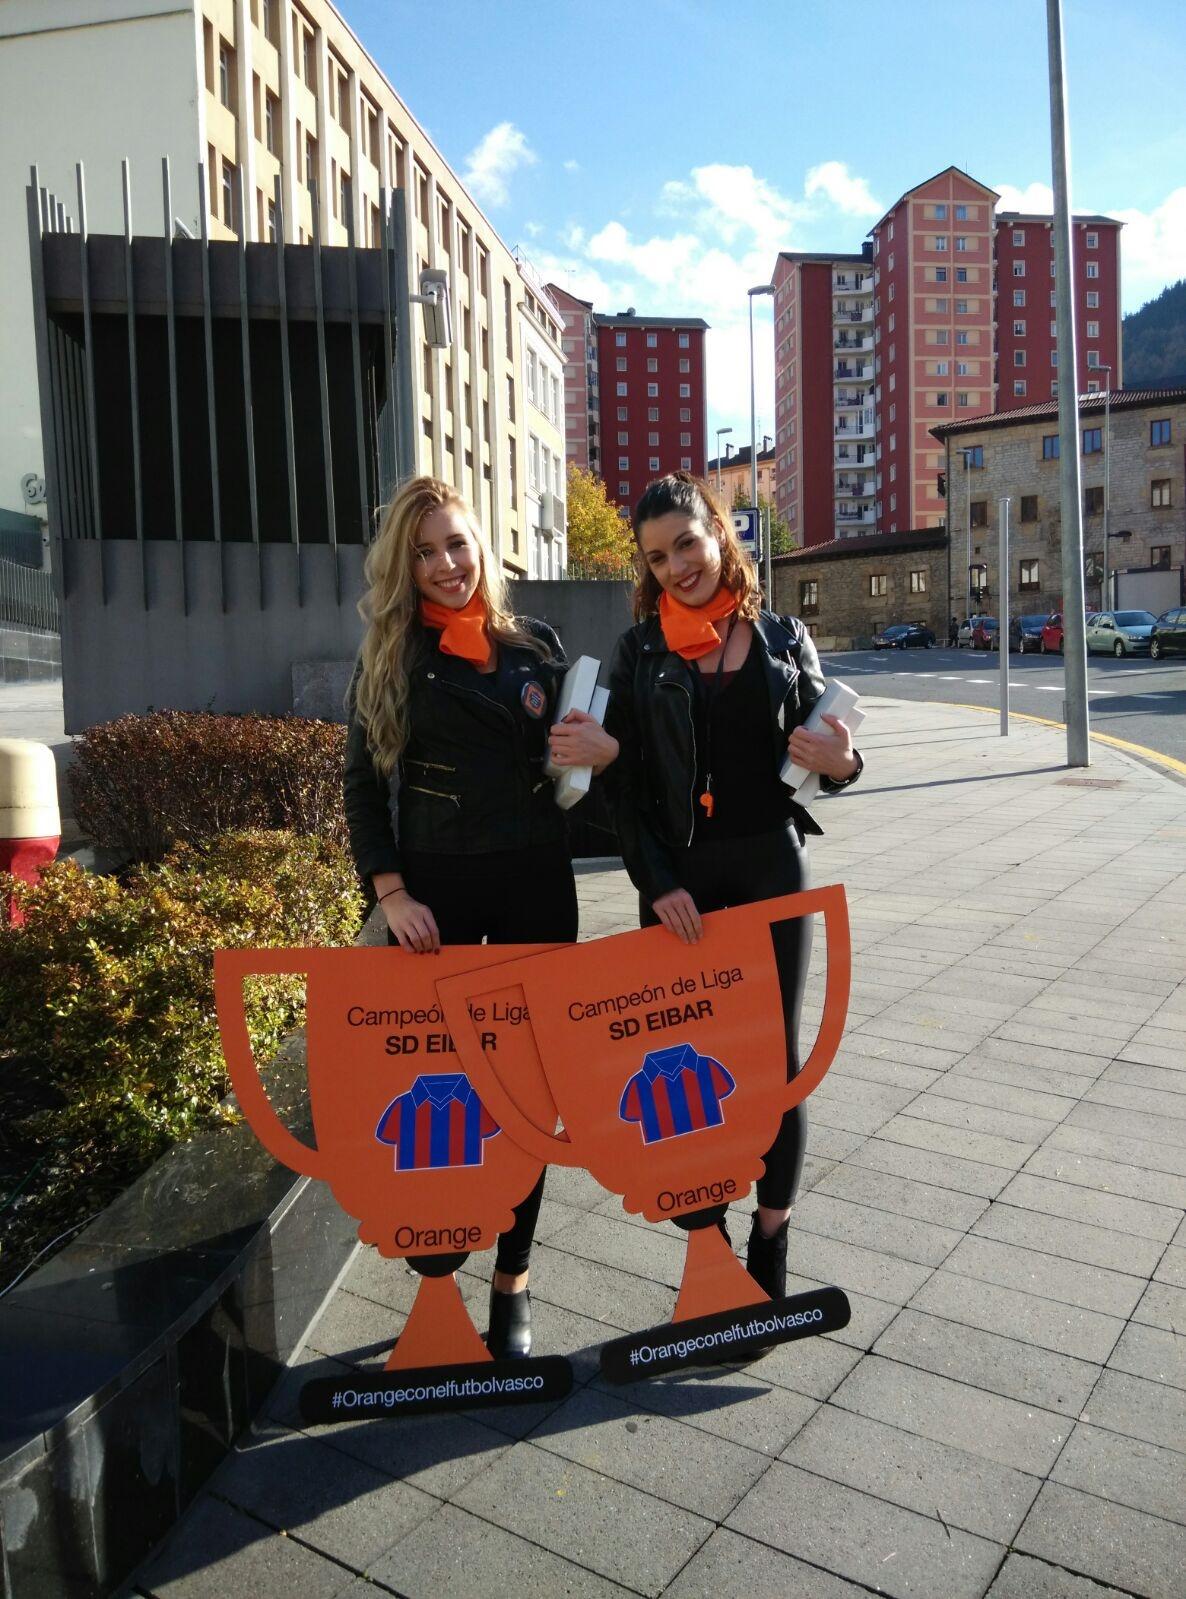 Oficinas centrales orange madrid top ups gua de servicios for Oficinas ono madrid